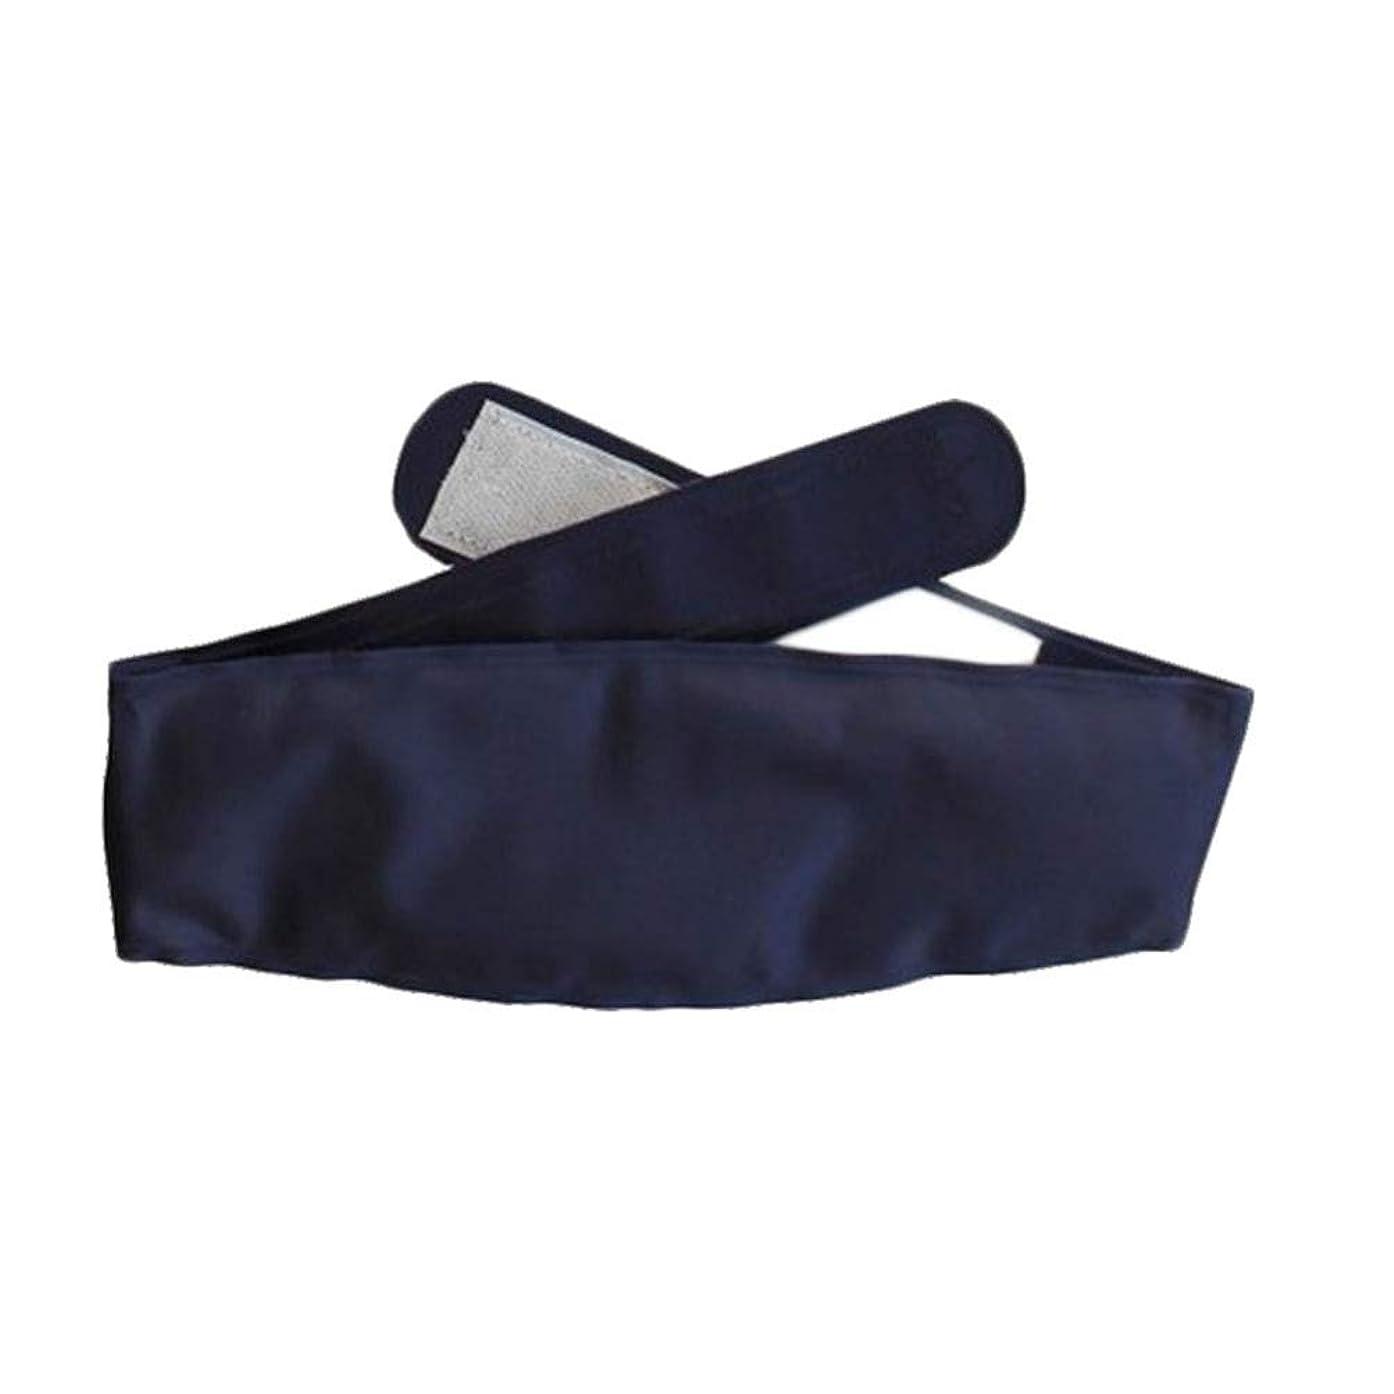 観光に行く祝うイースターHEALLILY ジェルアイスパック1個再利用可能なコールドセラピーパック、ホット&コールドセラピーパッド、首、膝、捻rain、痛みの軽減